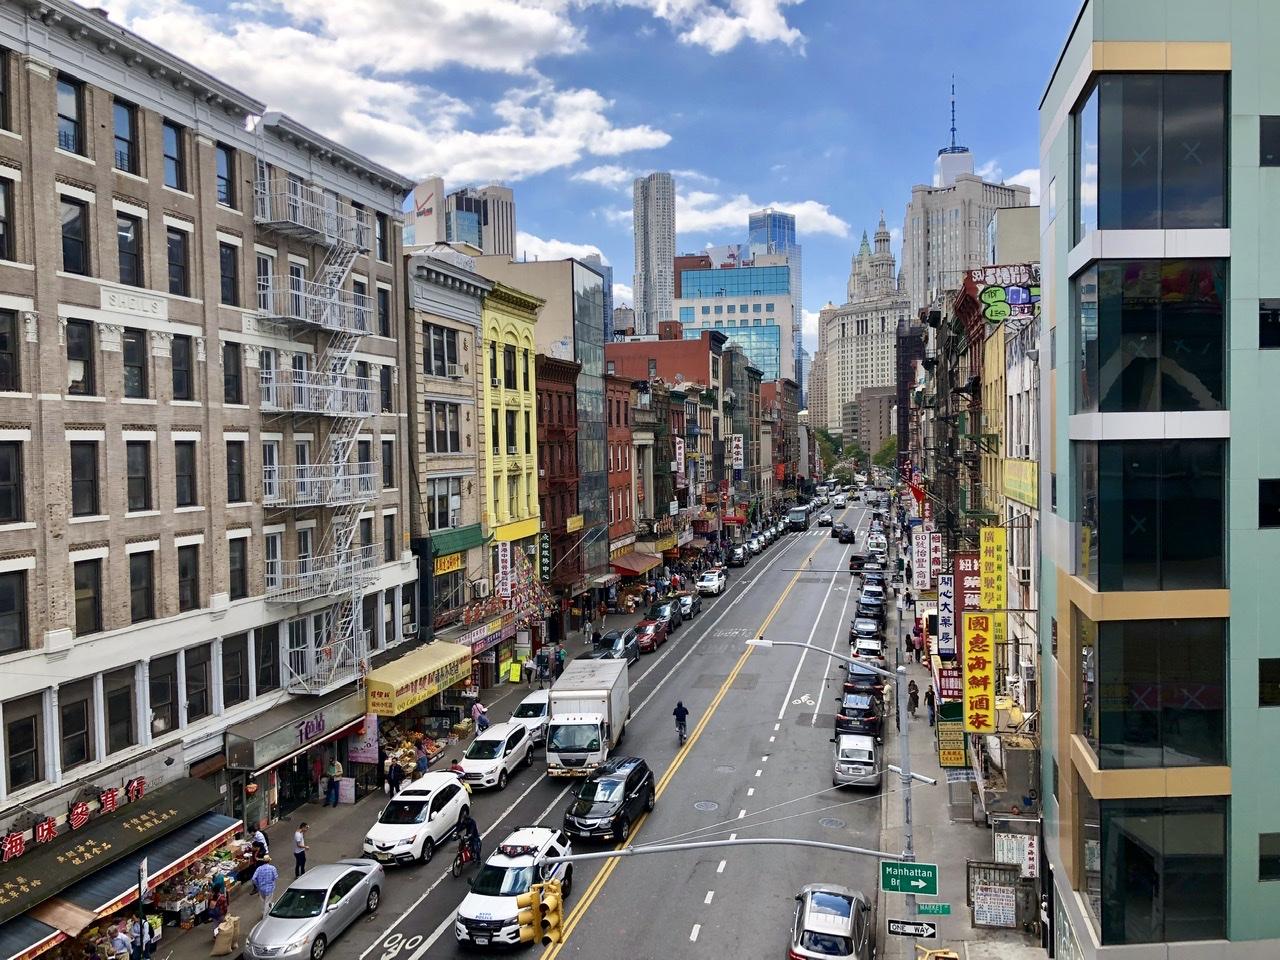 skyview of chinatown